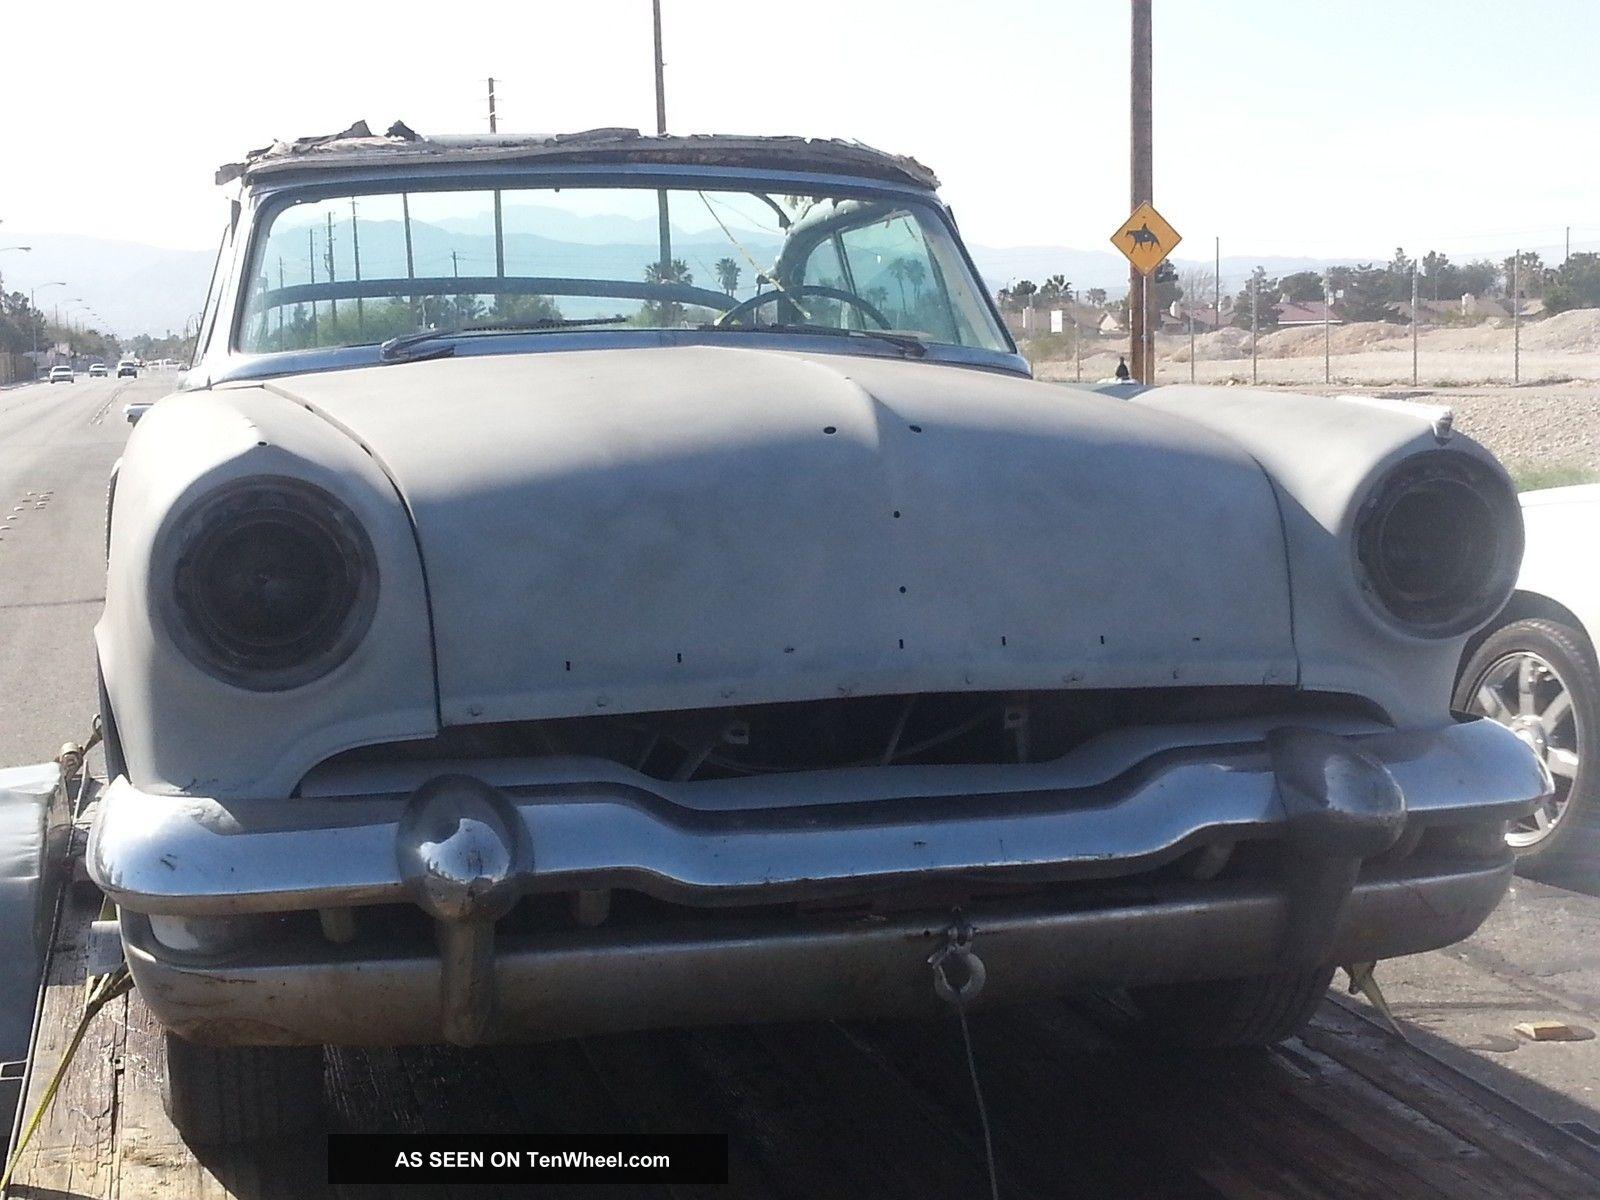 1952 Lincoln Capri Convertible Classic Hot Rod Rat Rod Drop Top 2 Door Project Other photo